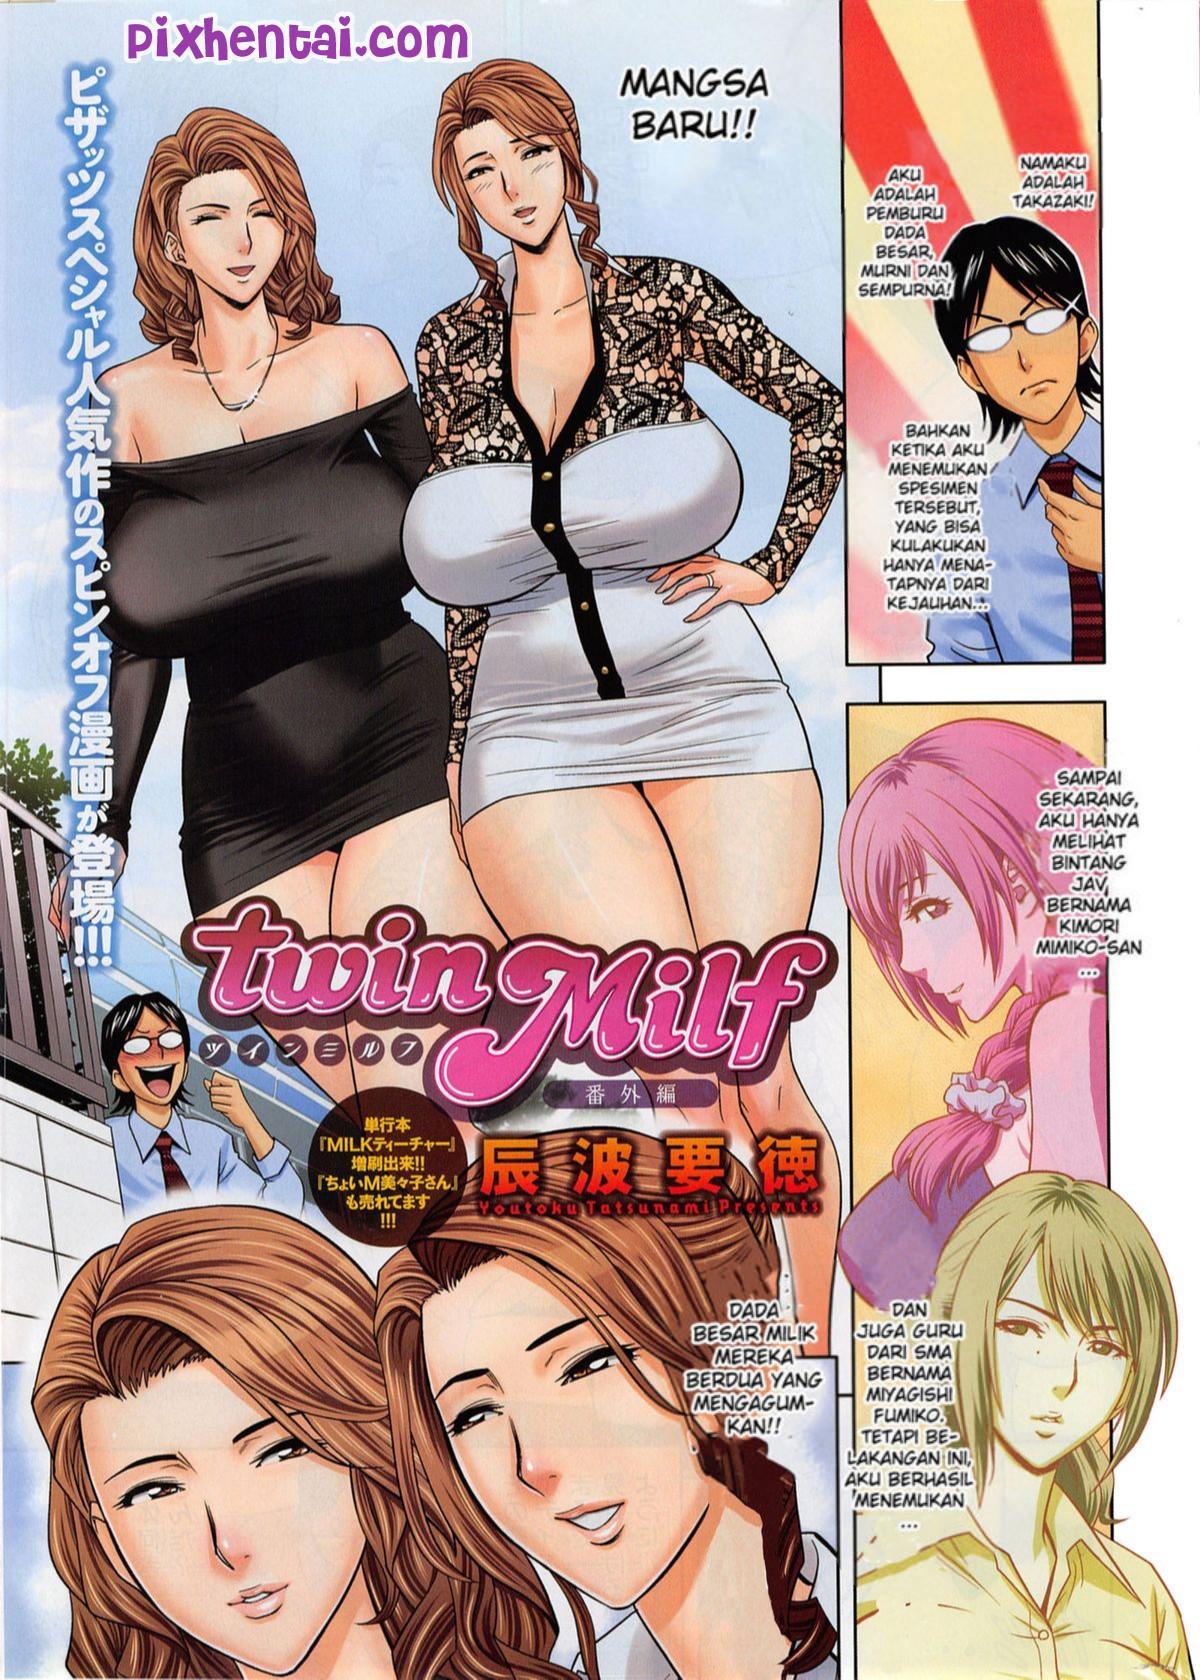 Pemburu Dada Besar Asli dan Sempurna Komik hentai xxx manga sex bokep 02